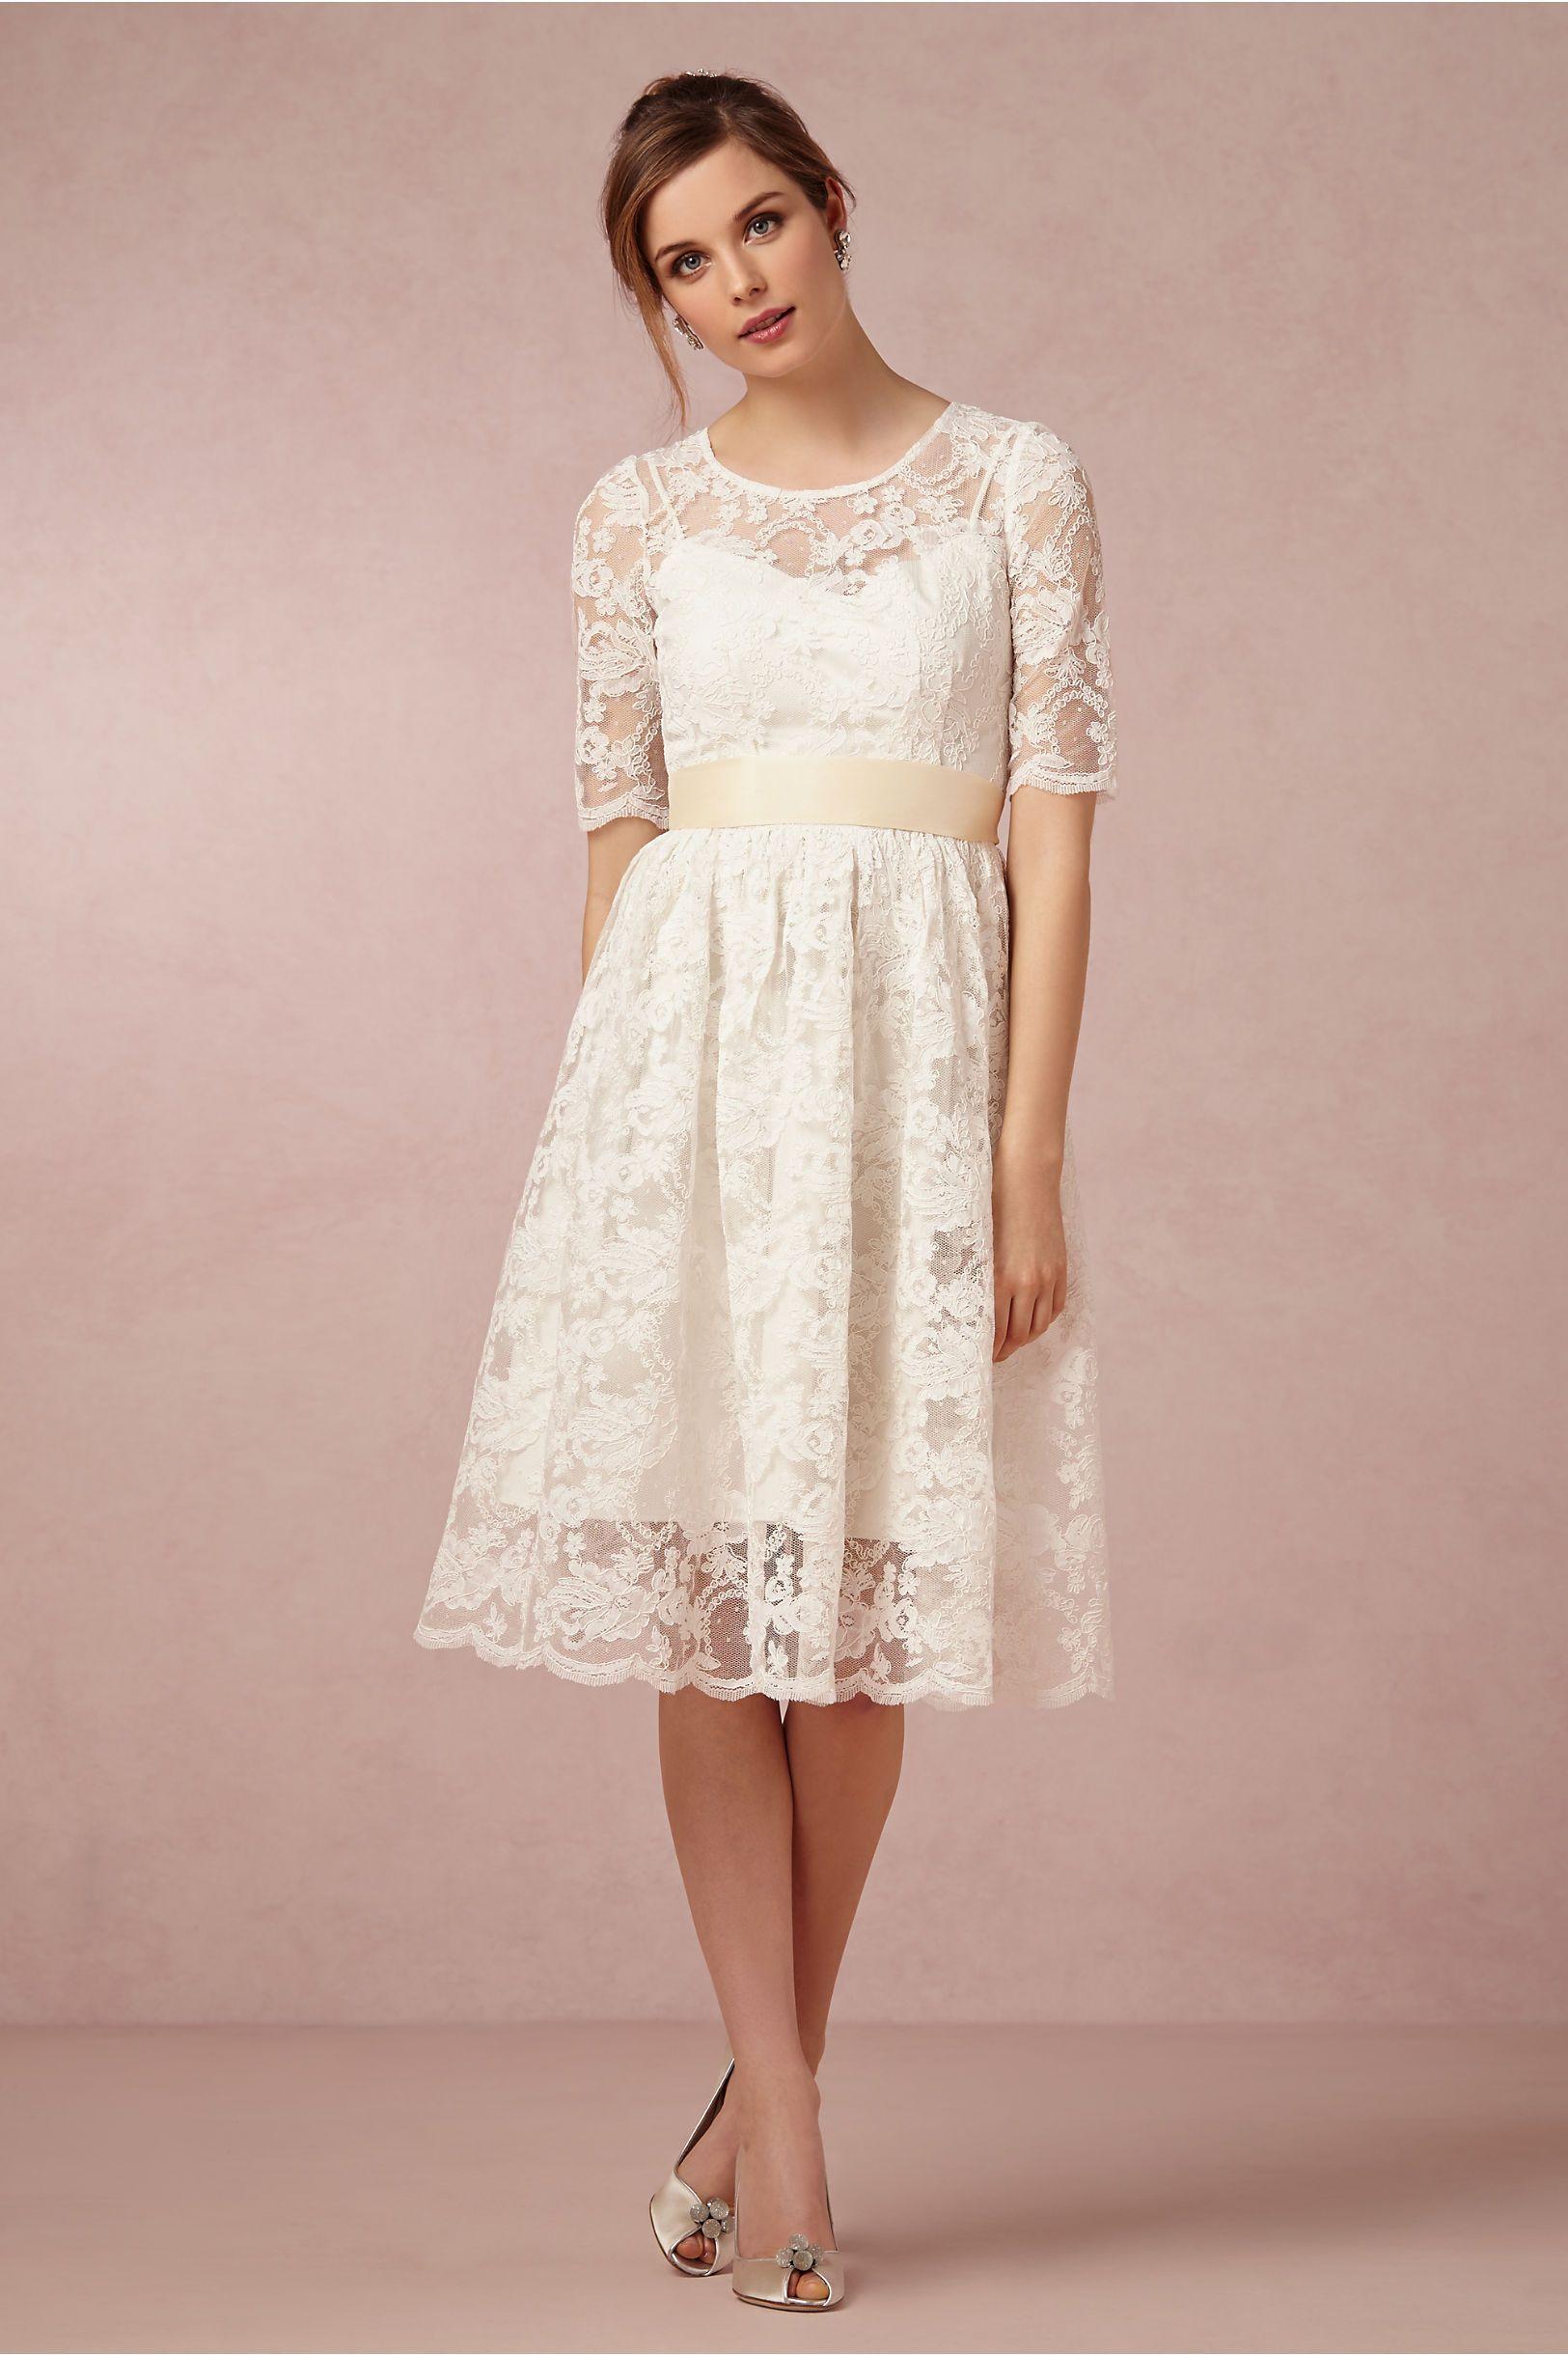 Pin de Teffy Villero en Vestido corto novia | Pinterest | Vestidos ...